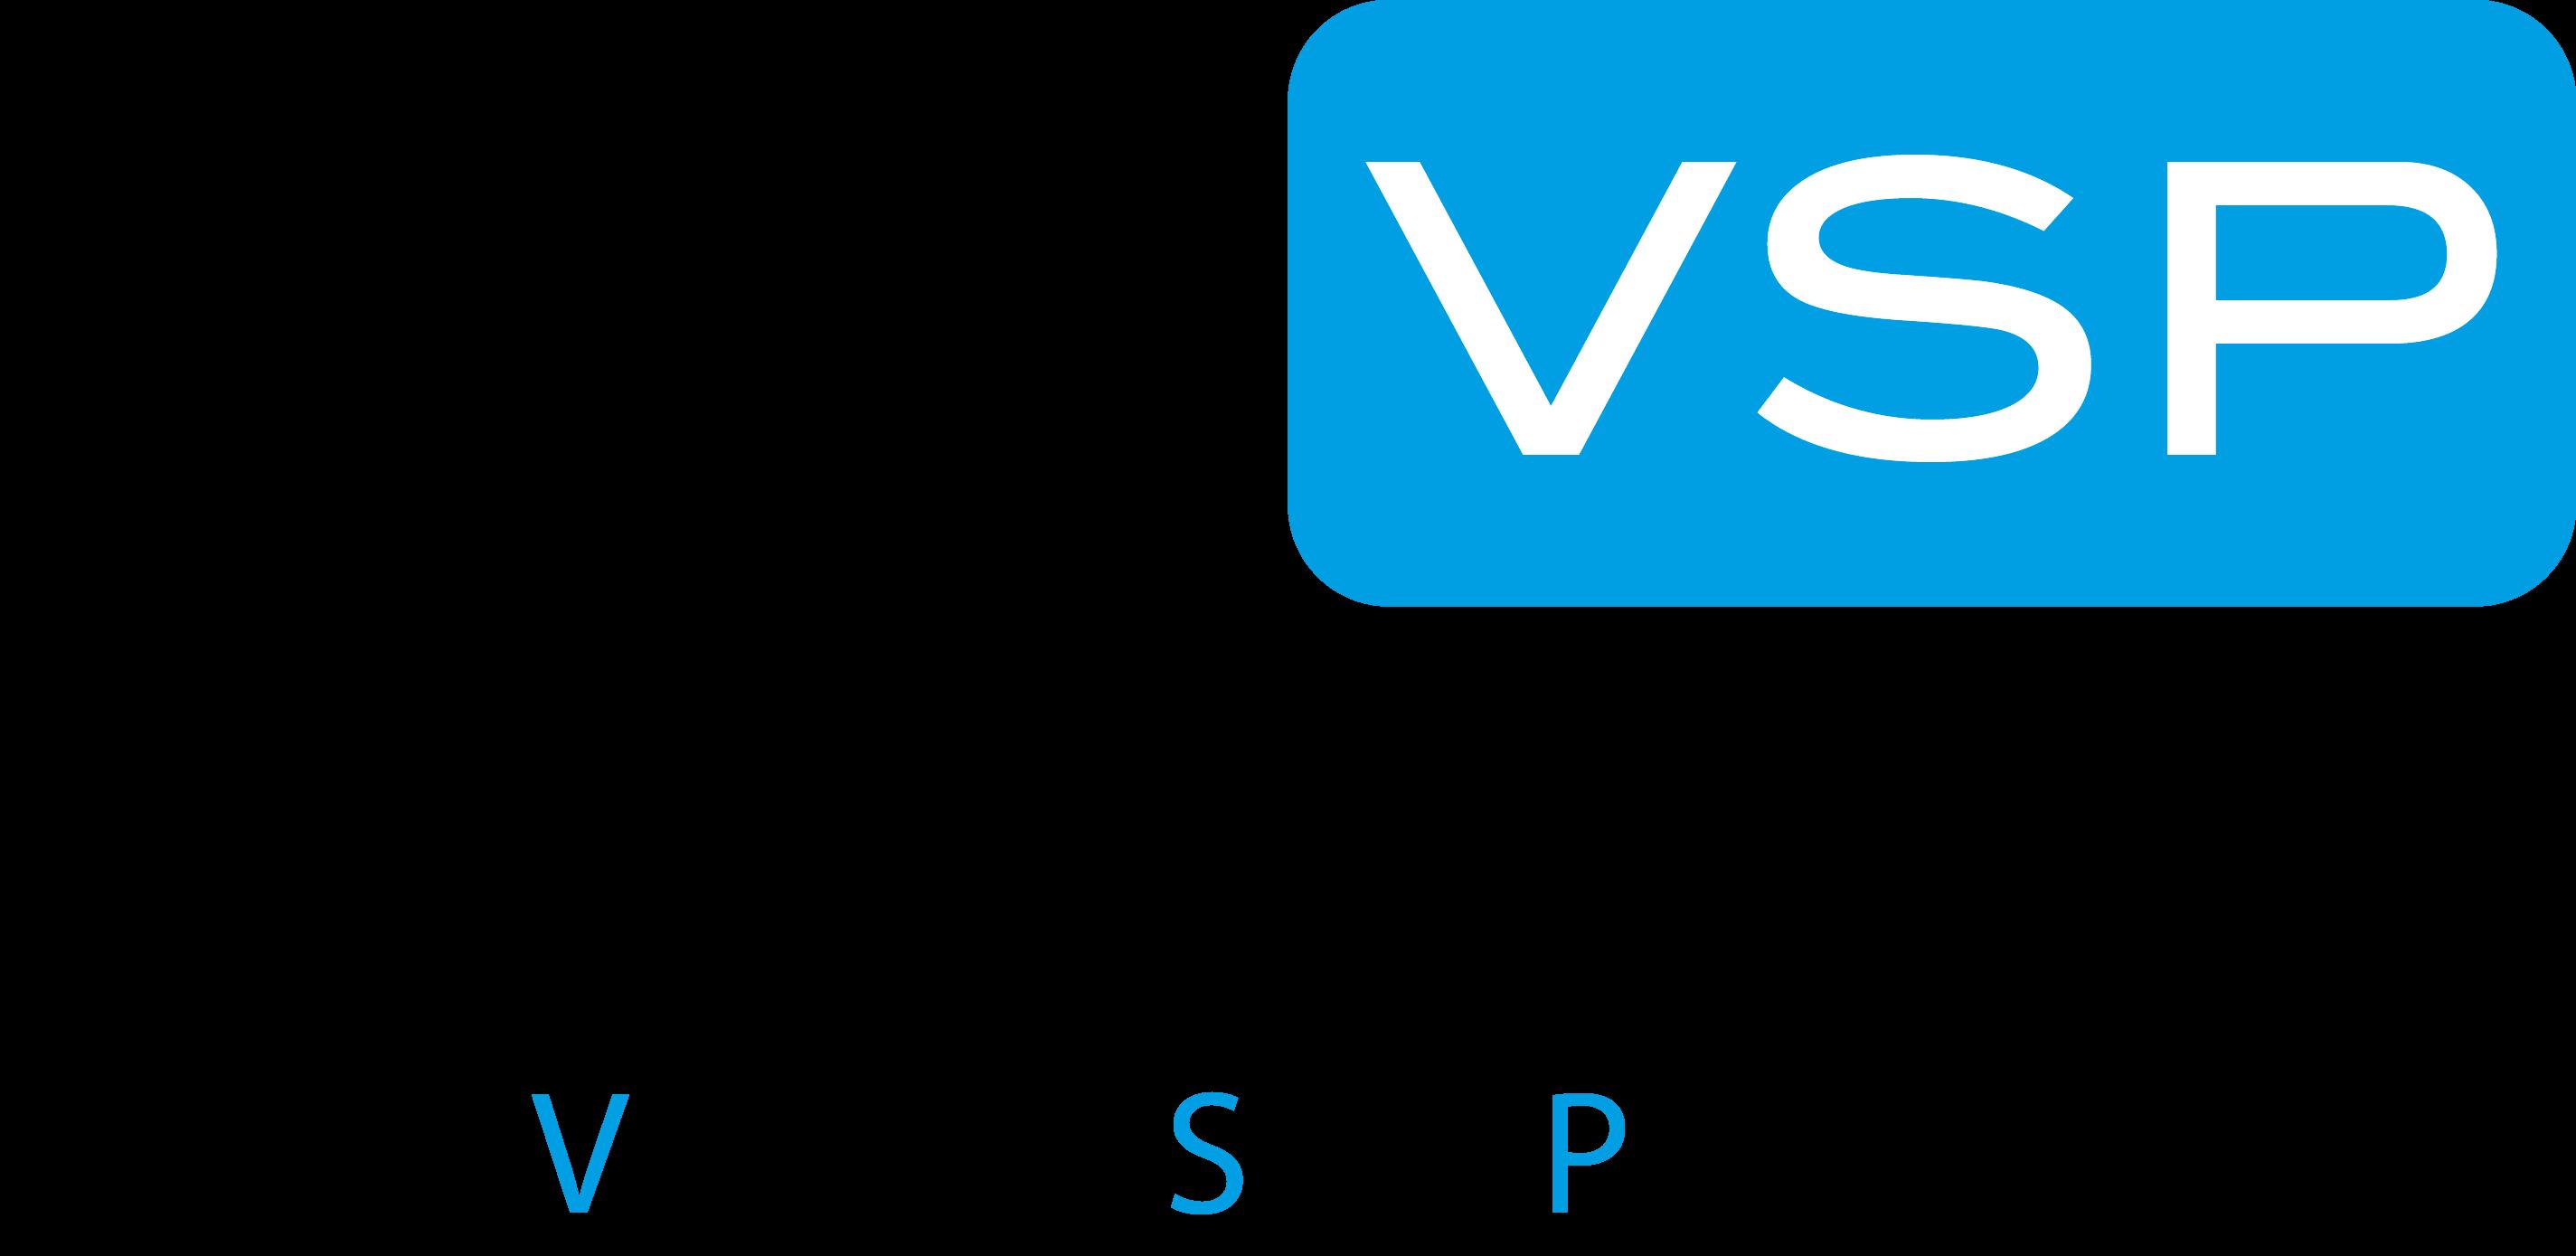 VSP Full Race